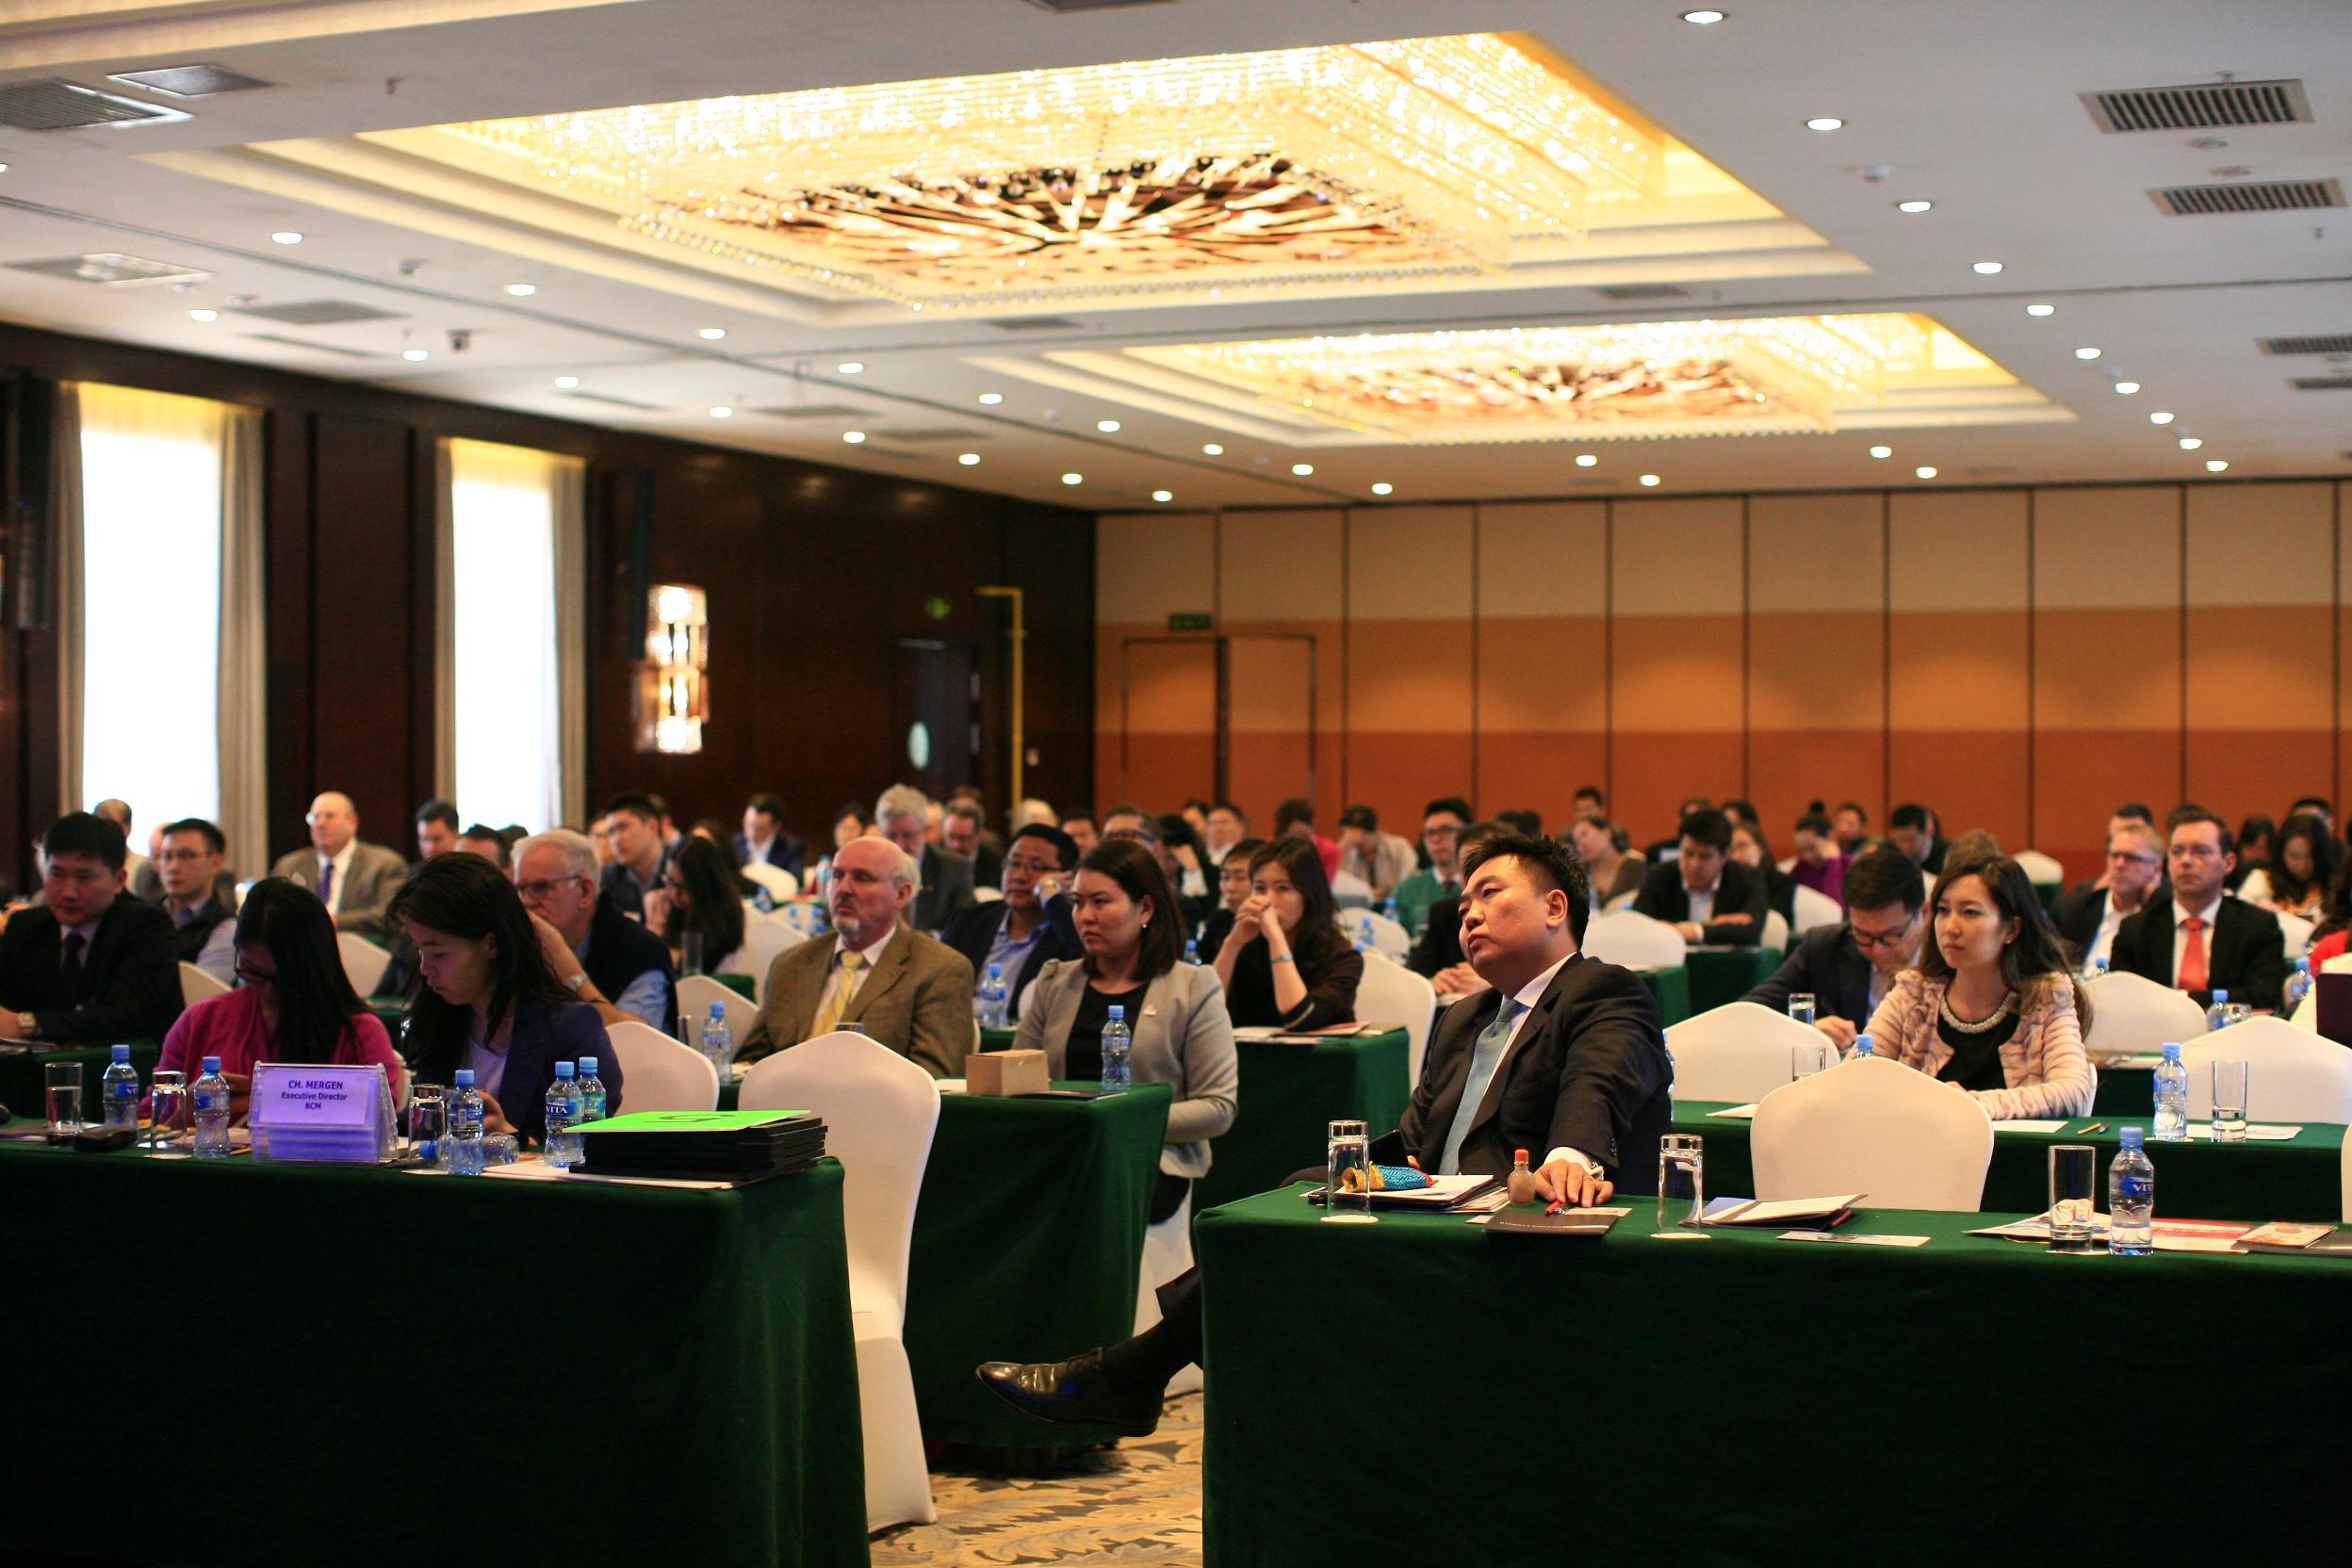 Дөрвөн улсын Элчин сайд Монголын бизнесийн зөвлөлийн гишүүдтэй уулзлаа